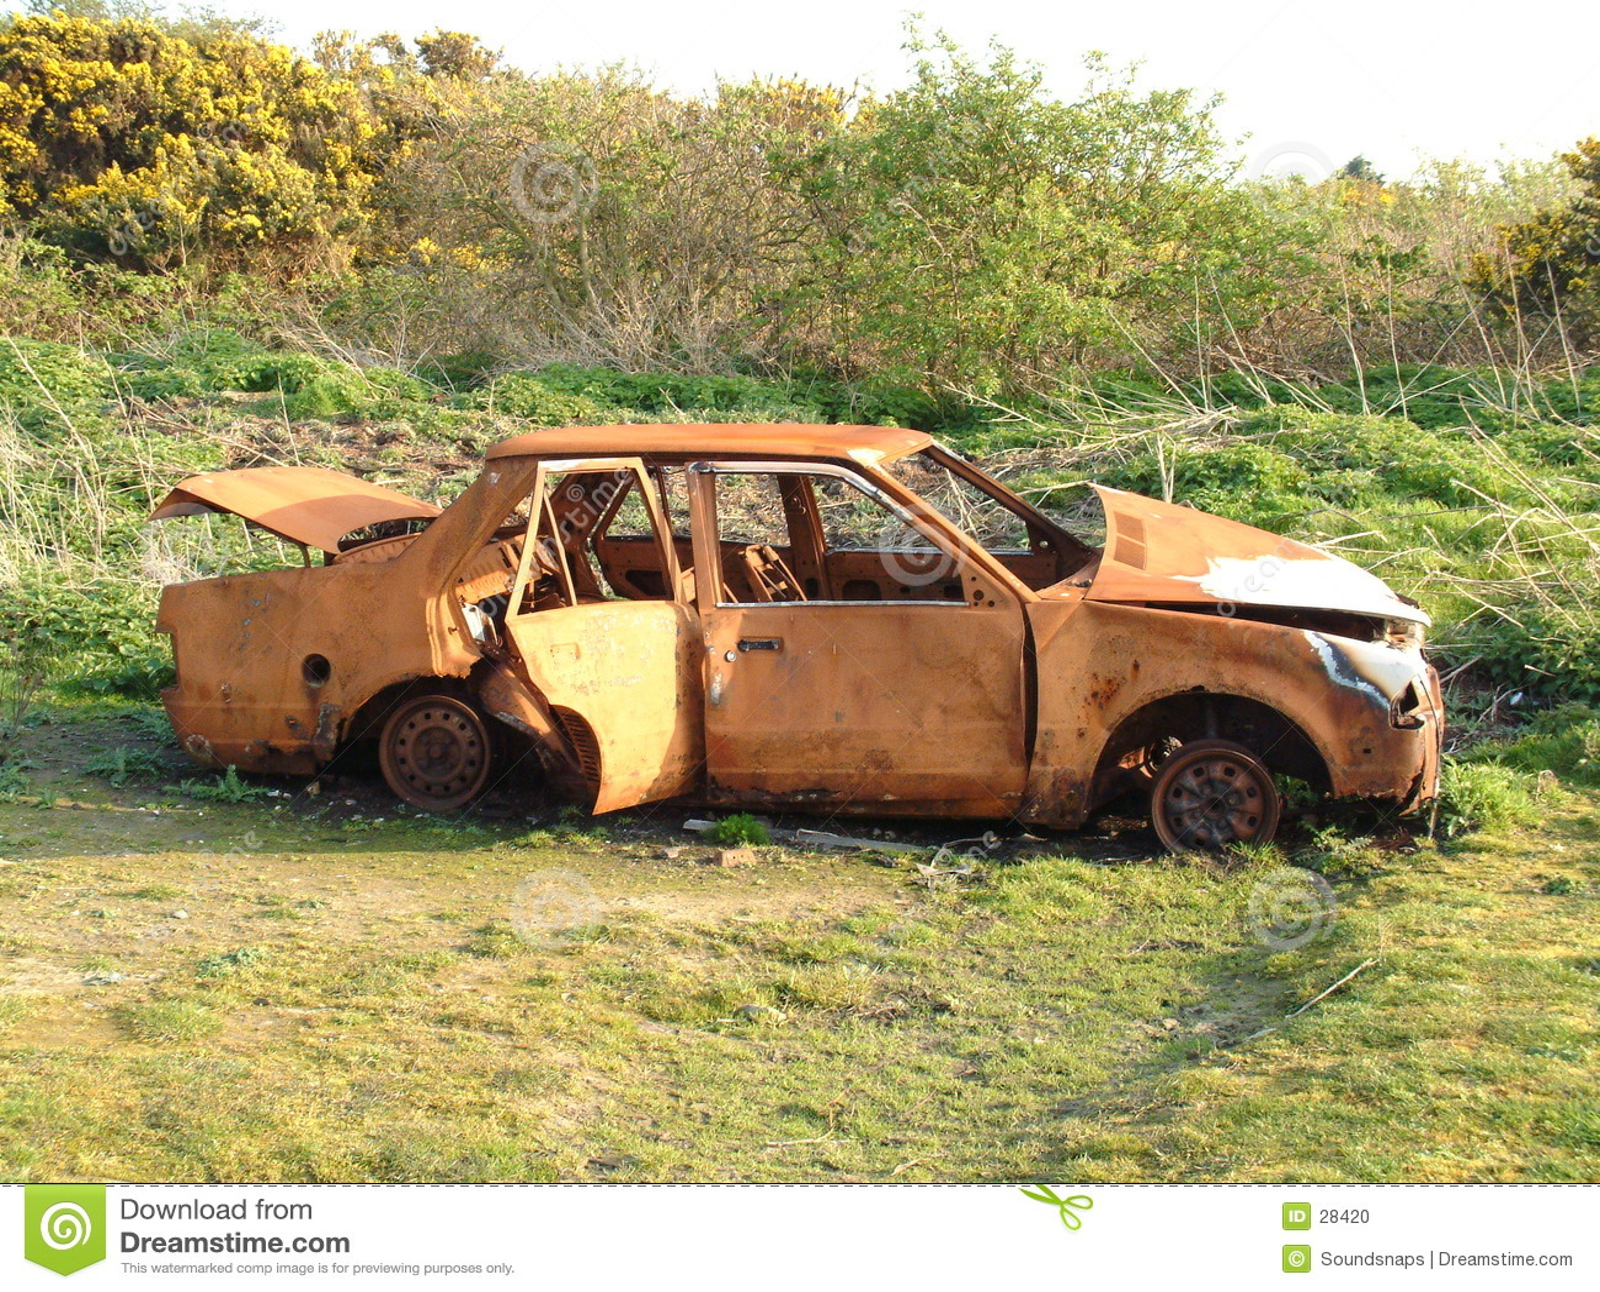 abandoned burnt car